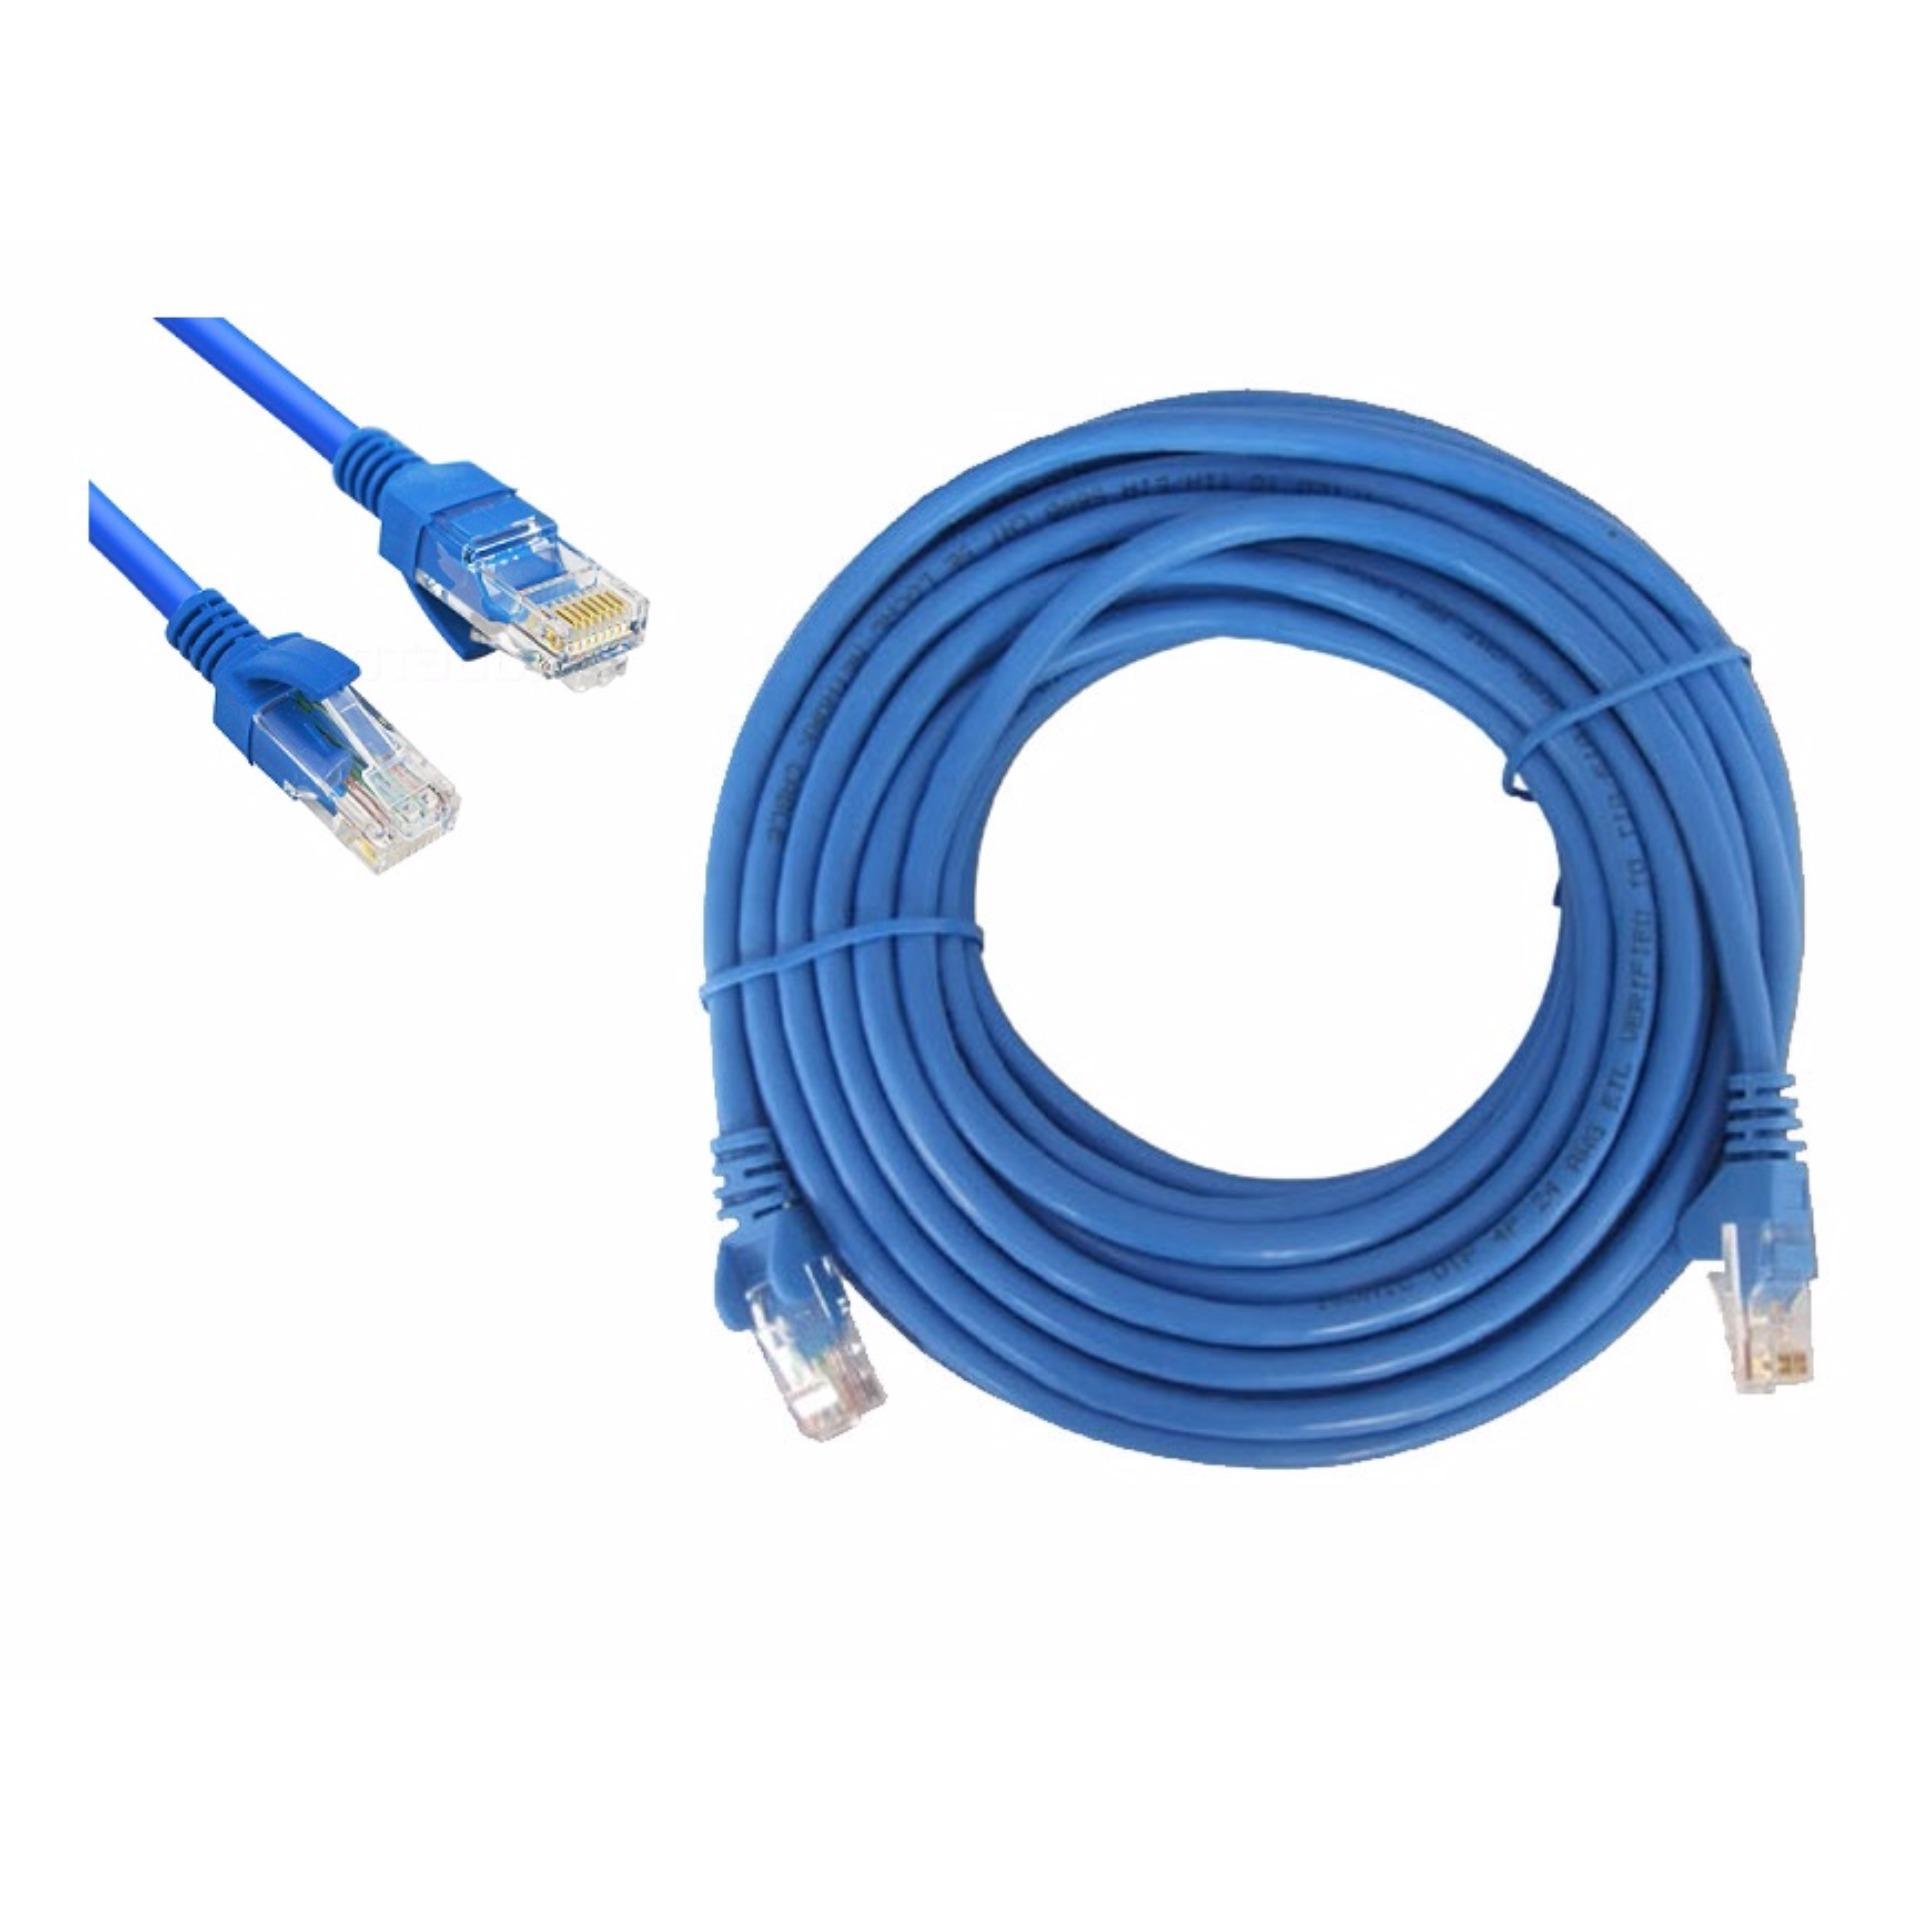 Dây Cáp Mạng LAN 2 Đầu Đúc Sẵn Dài 10M